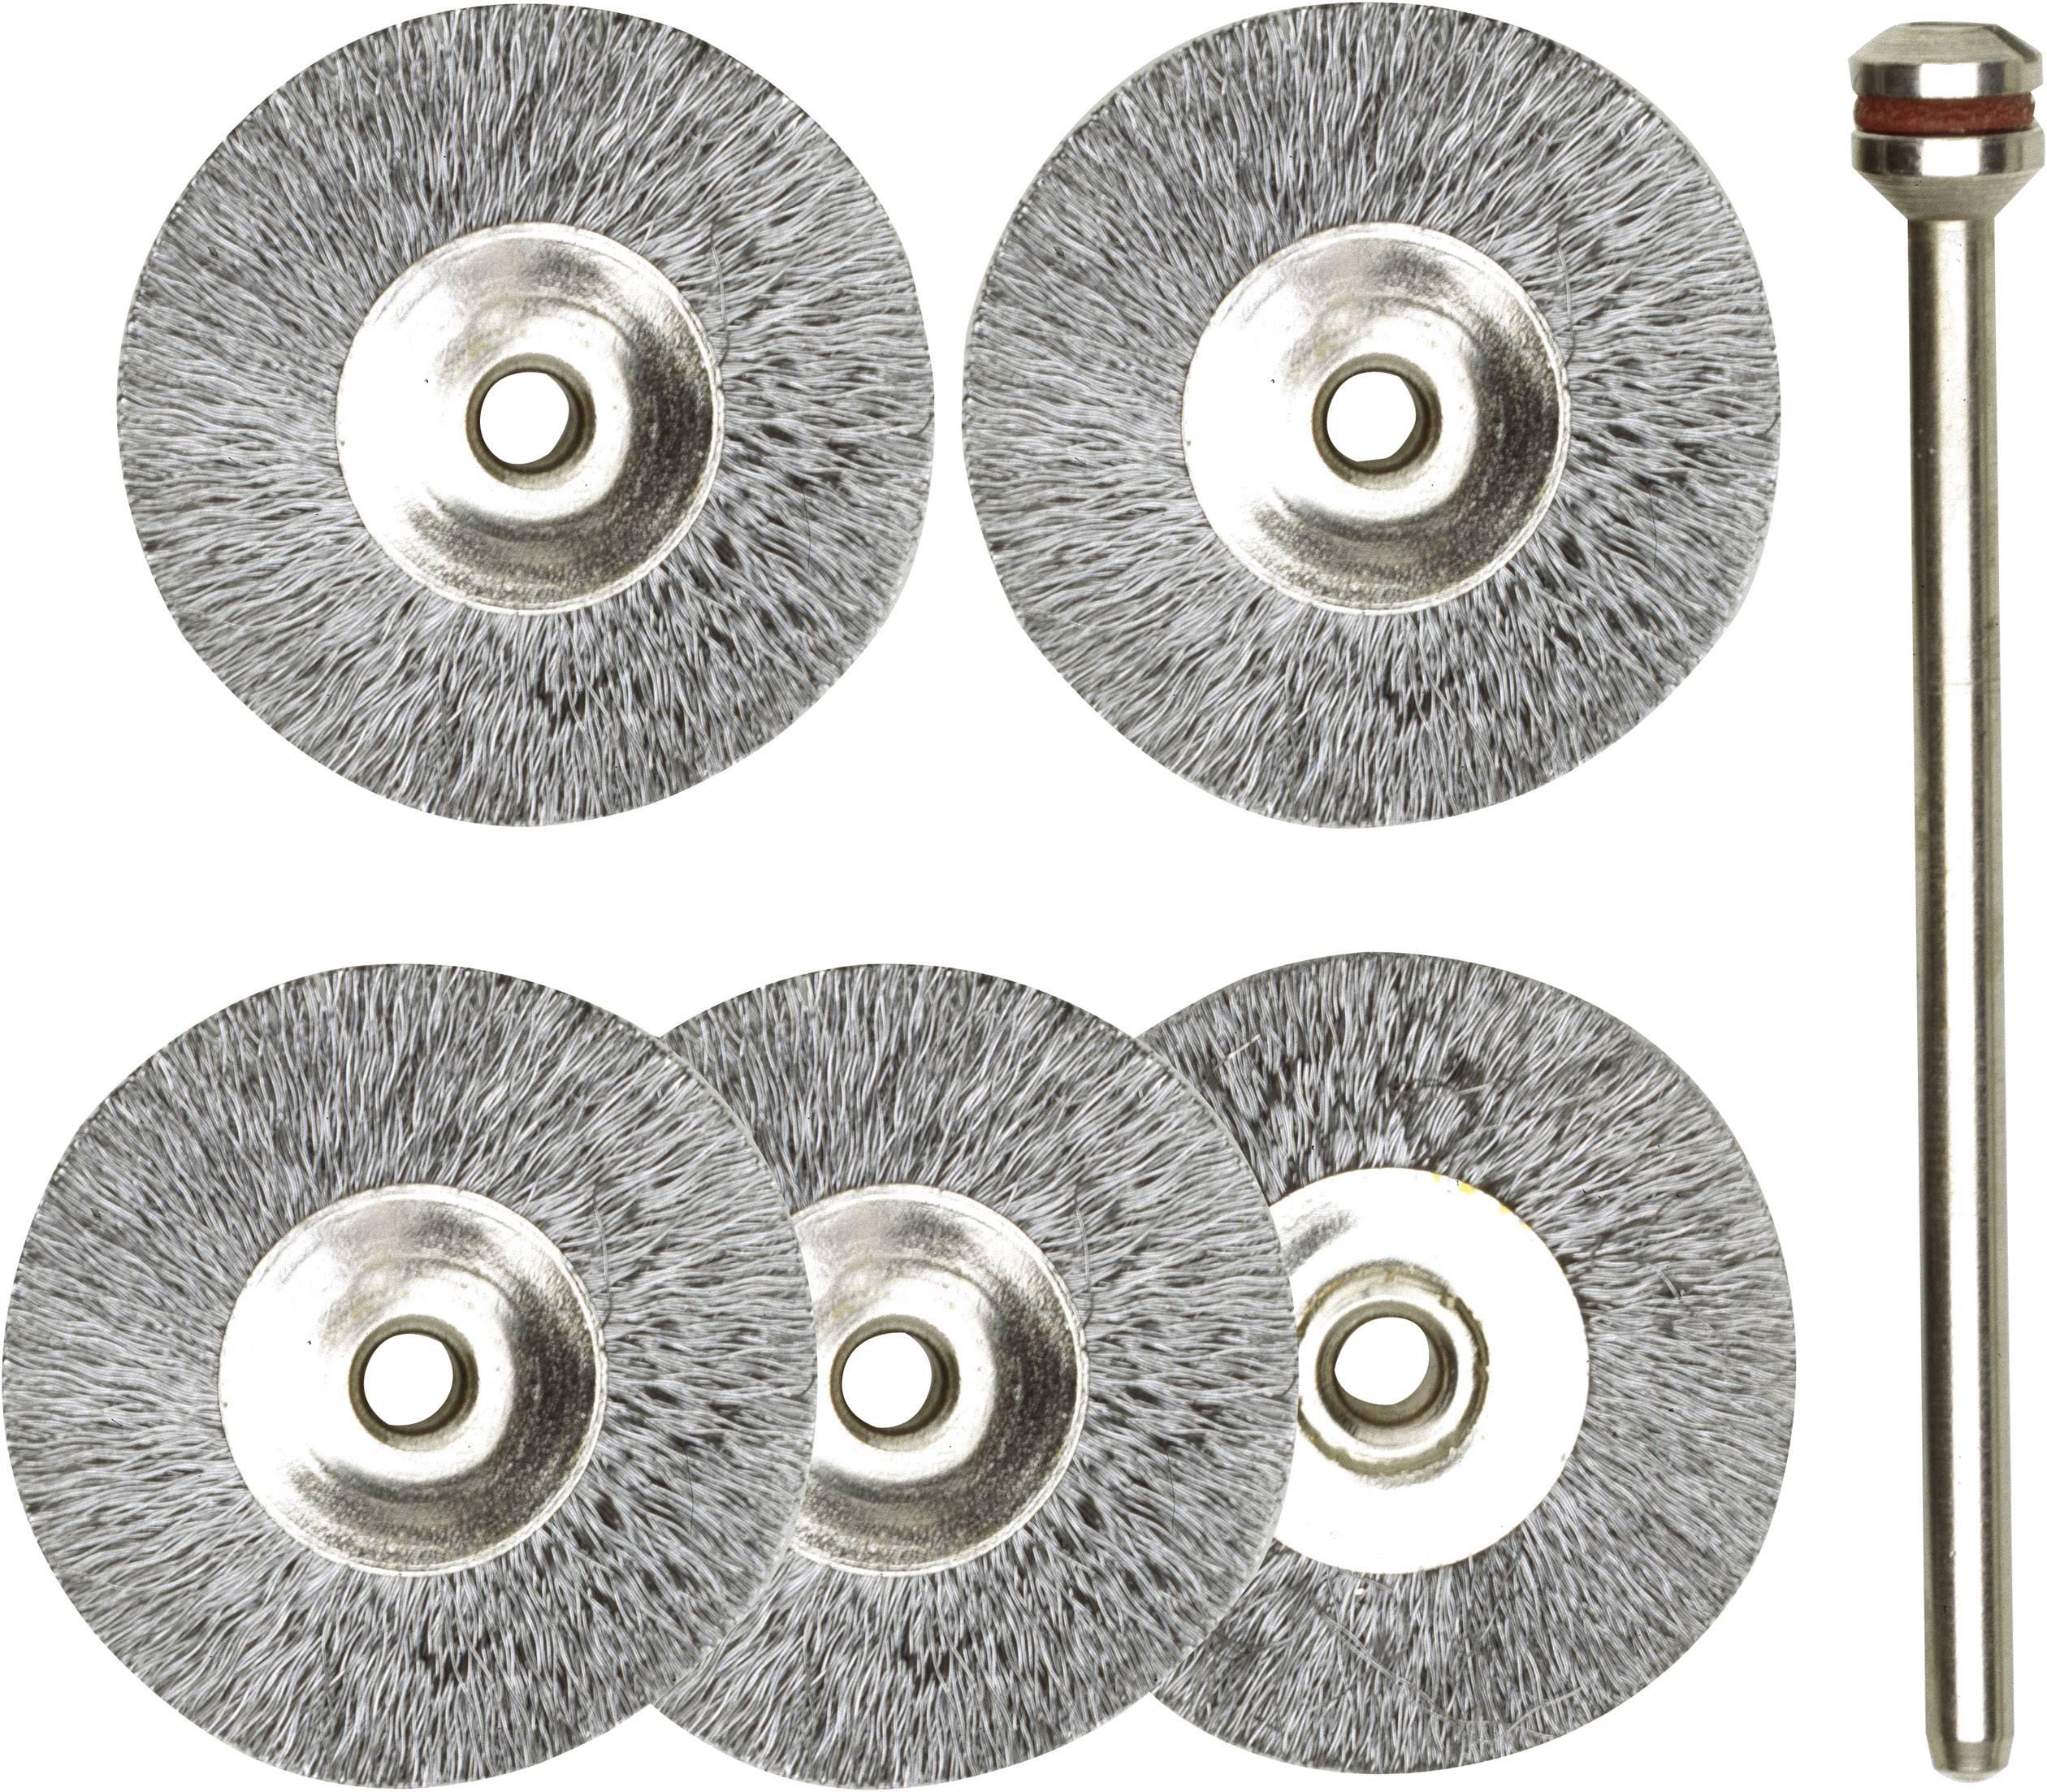 Sada kulatých ocelových kartáčů Proxxon Micromot 28 952, Ø 22 mm, 5 ks